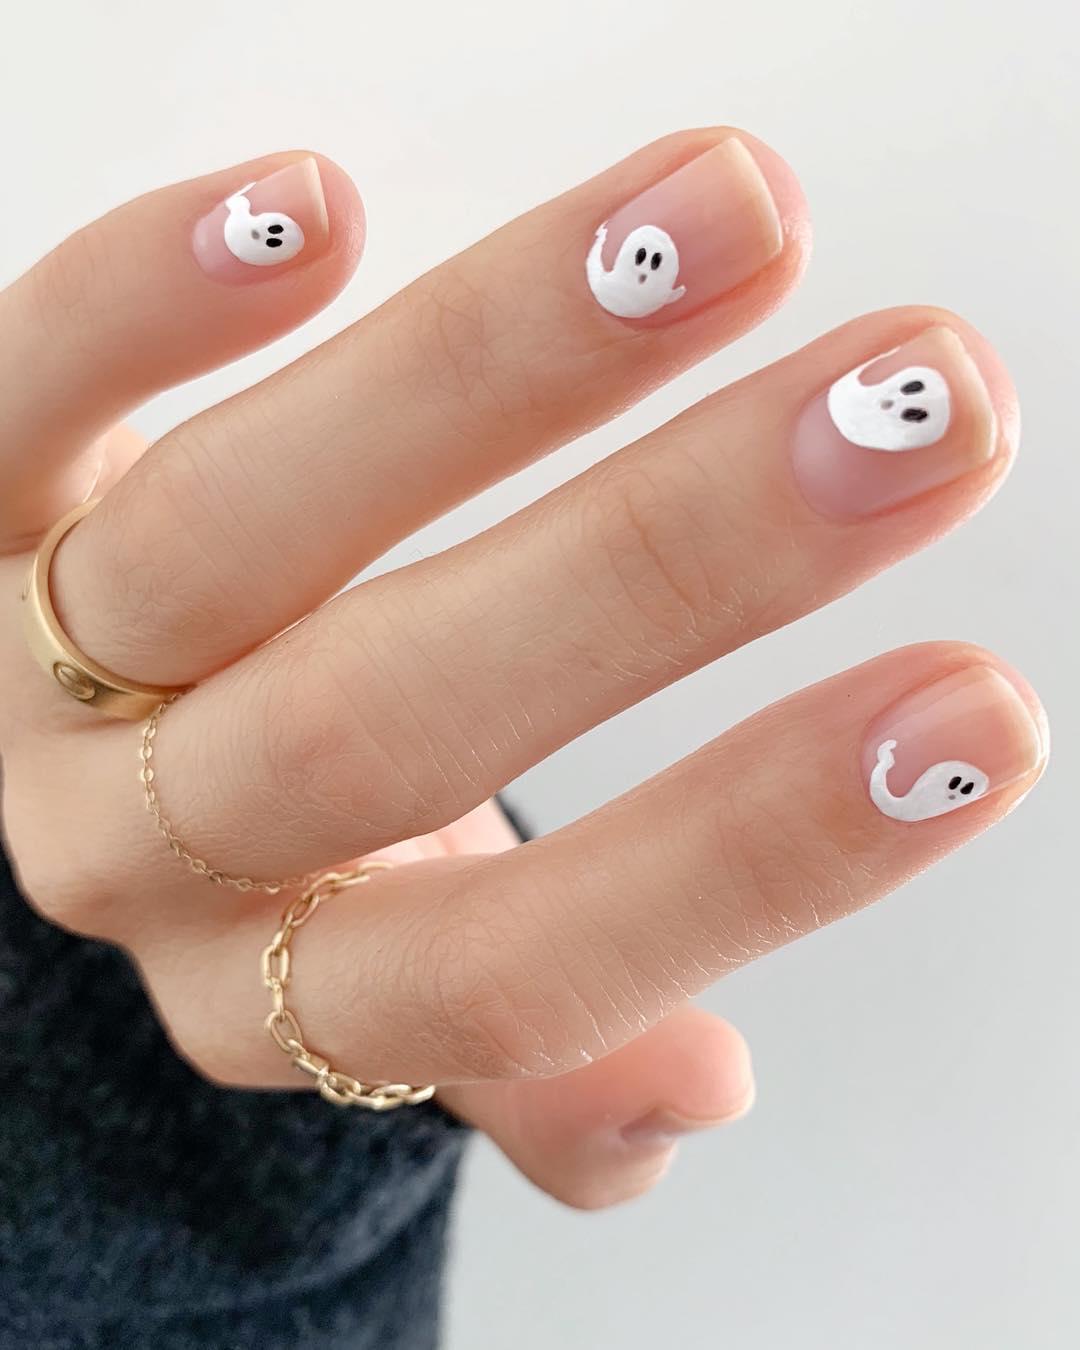 nail art cute designs